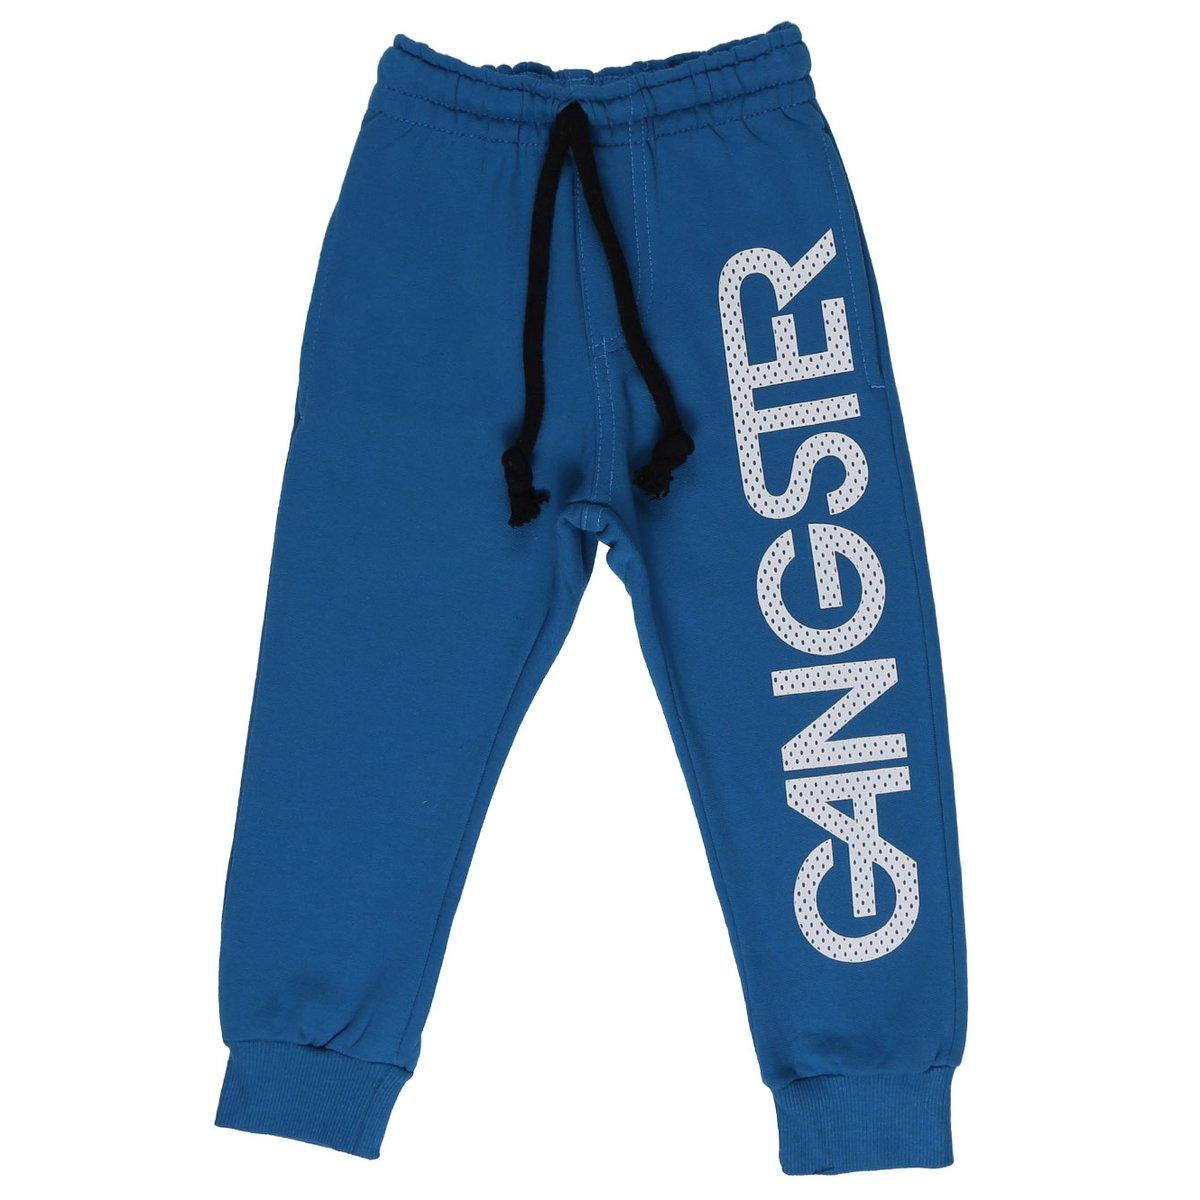 Calça Moletom Gangster - Compre Agora  aa8742c6d90d1